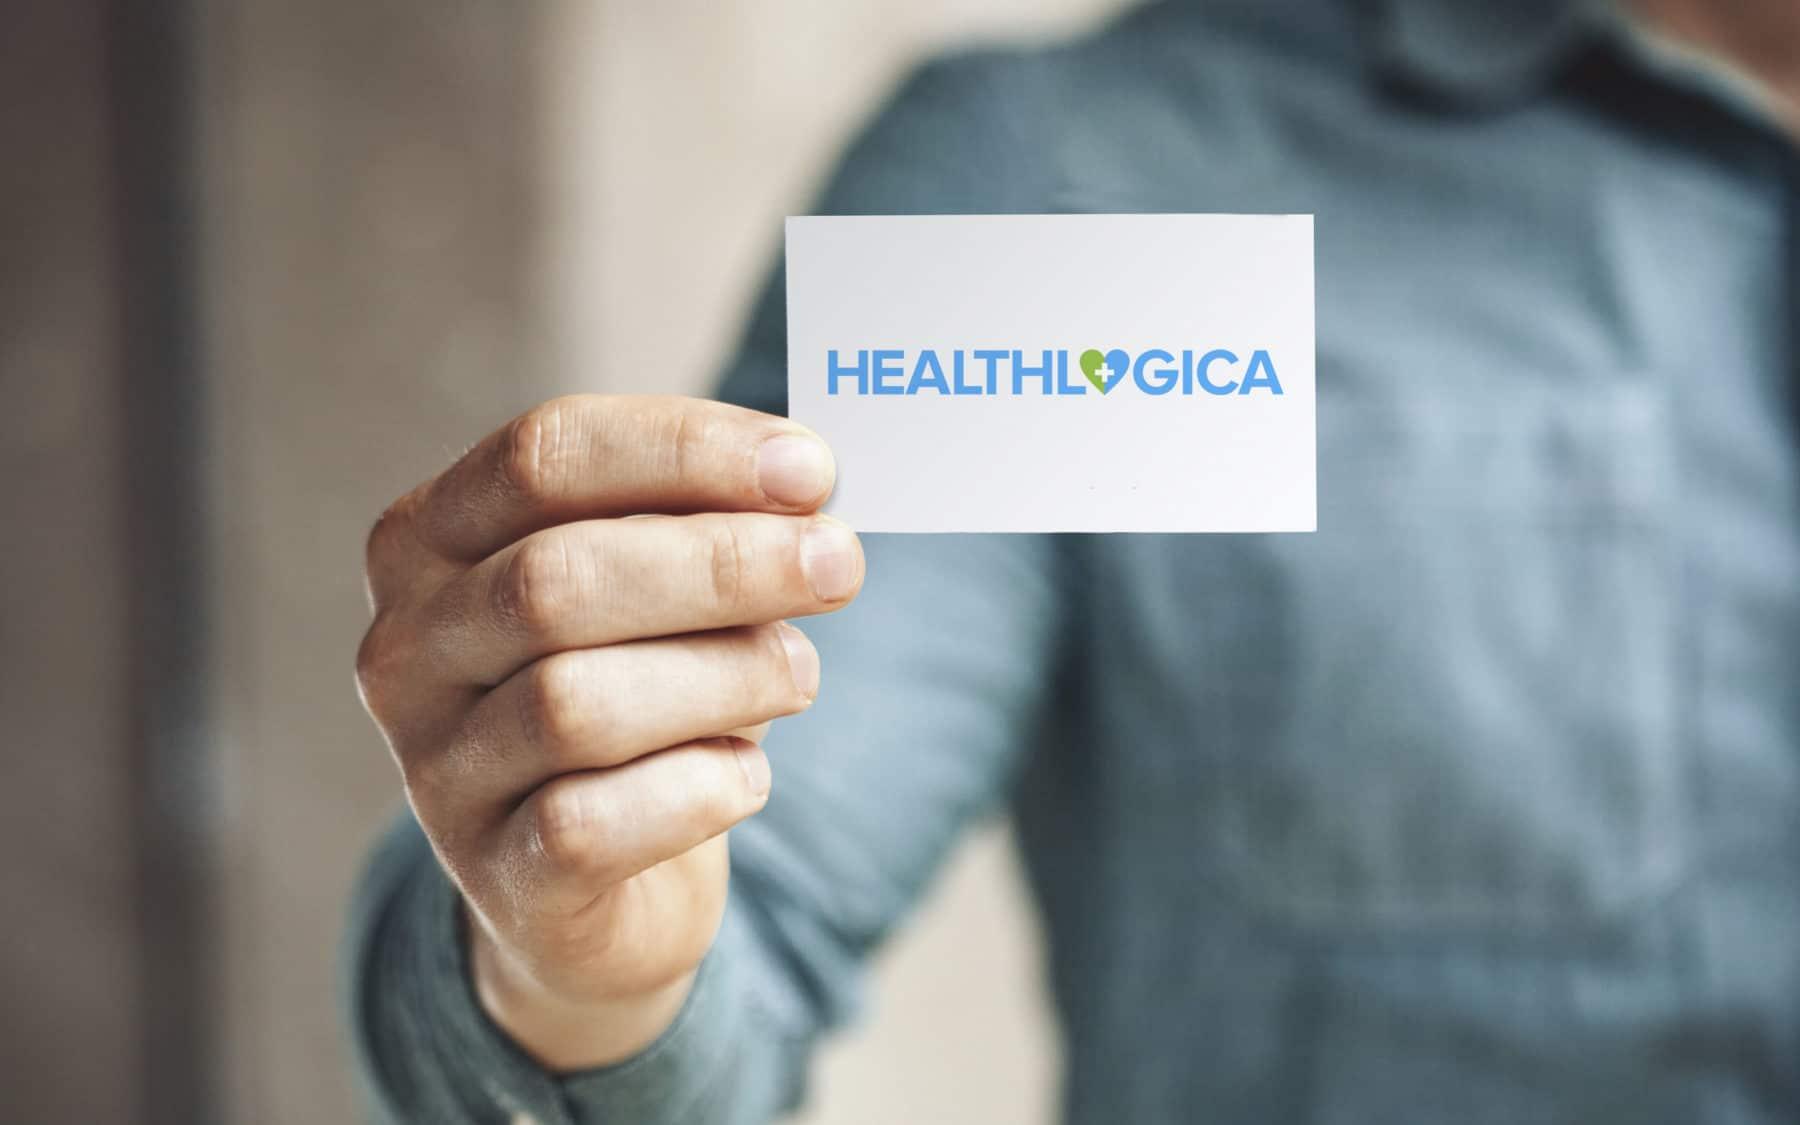 Healthlogica 1